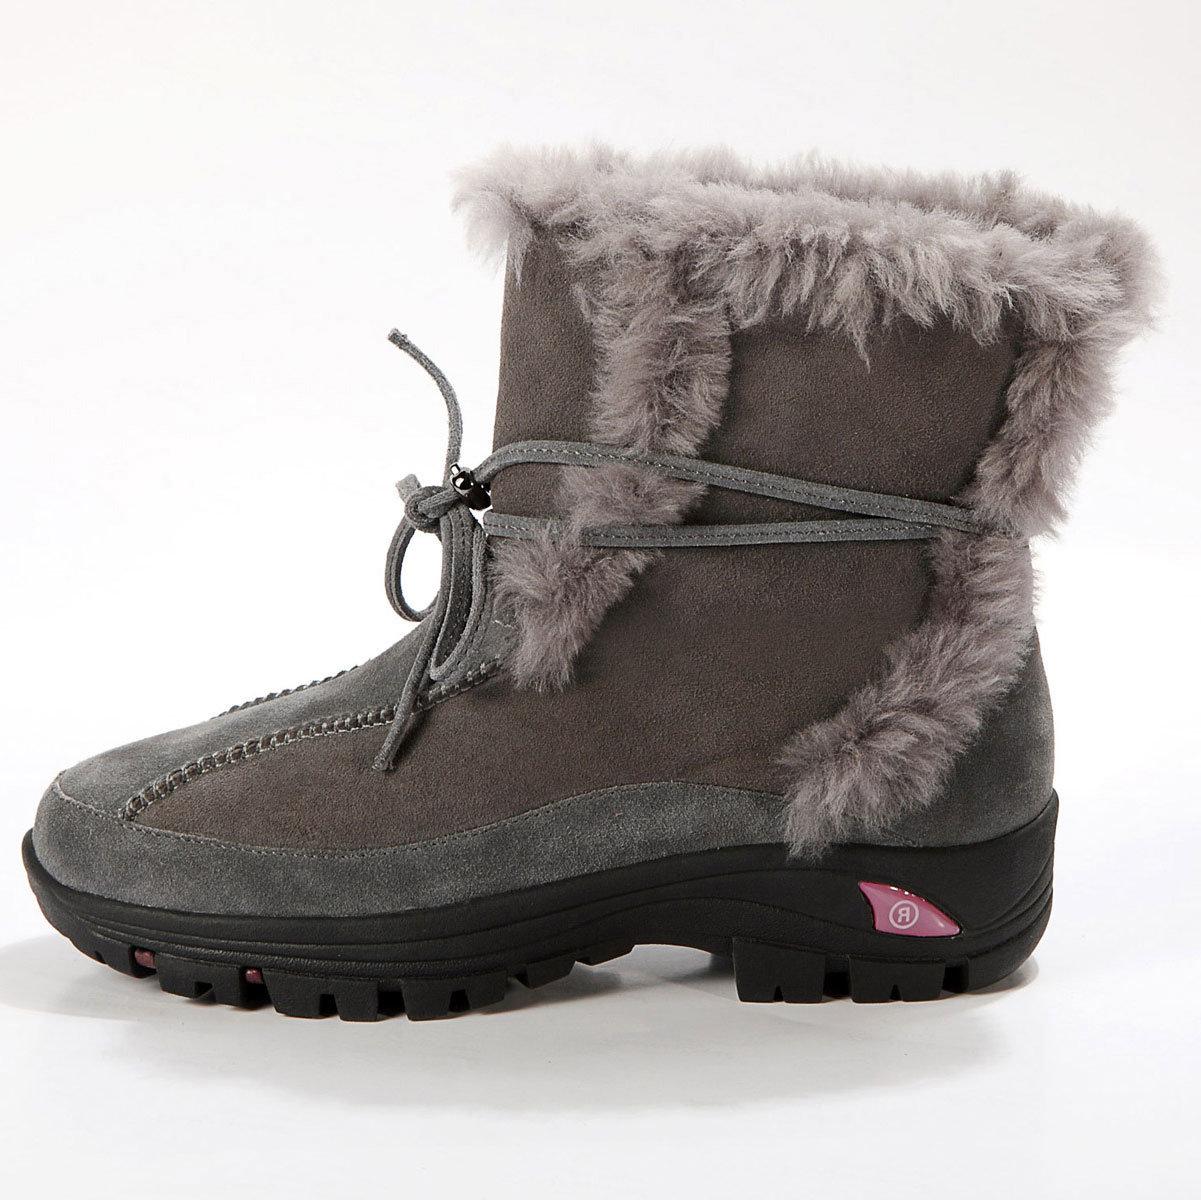 Women's Winter Dress Boots On Sale